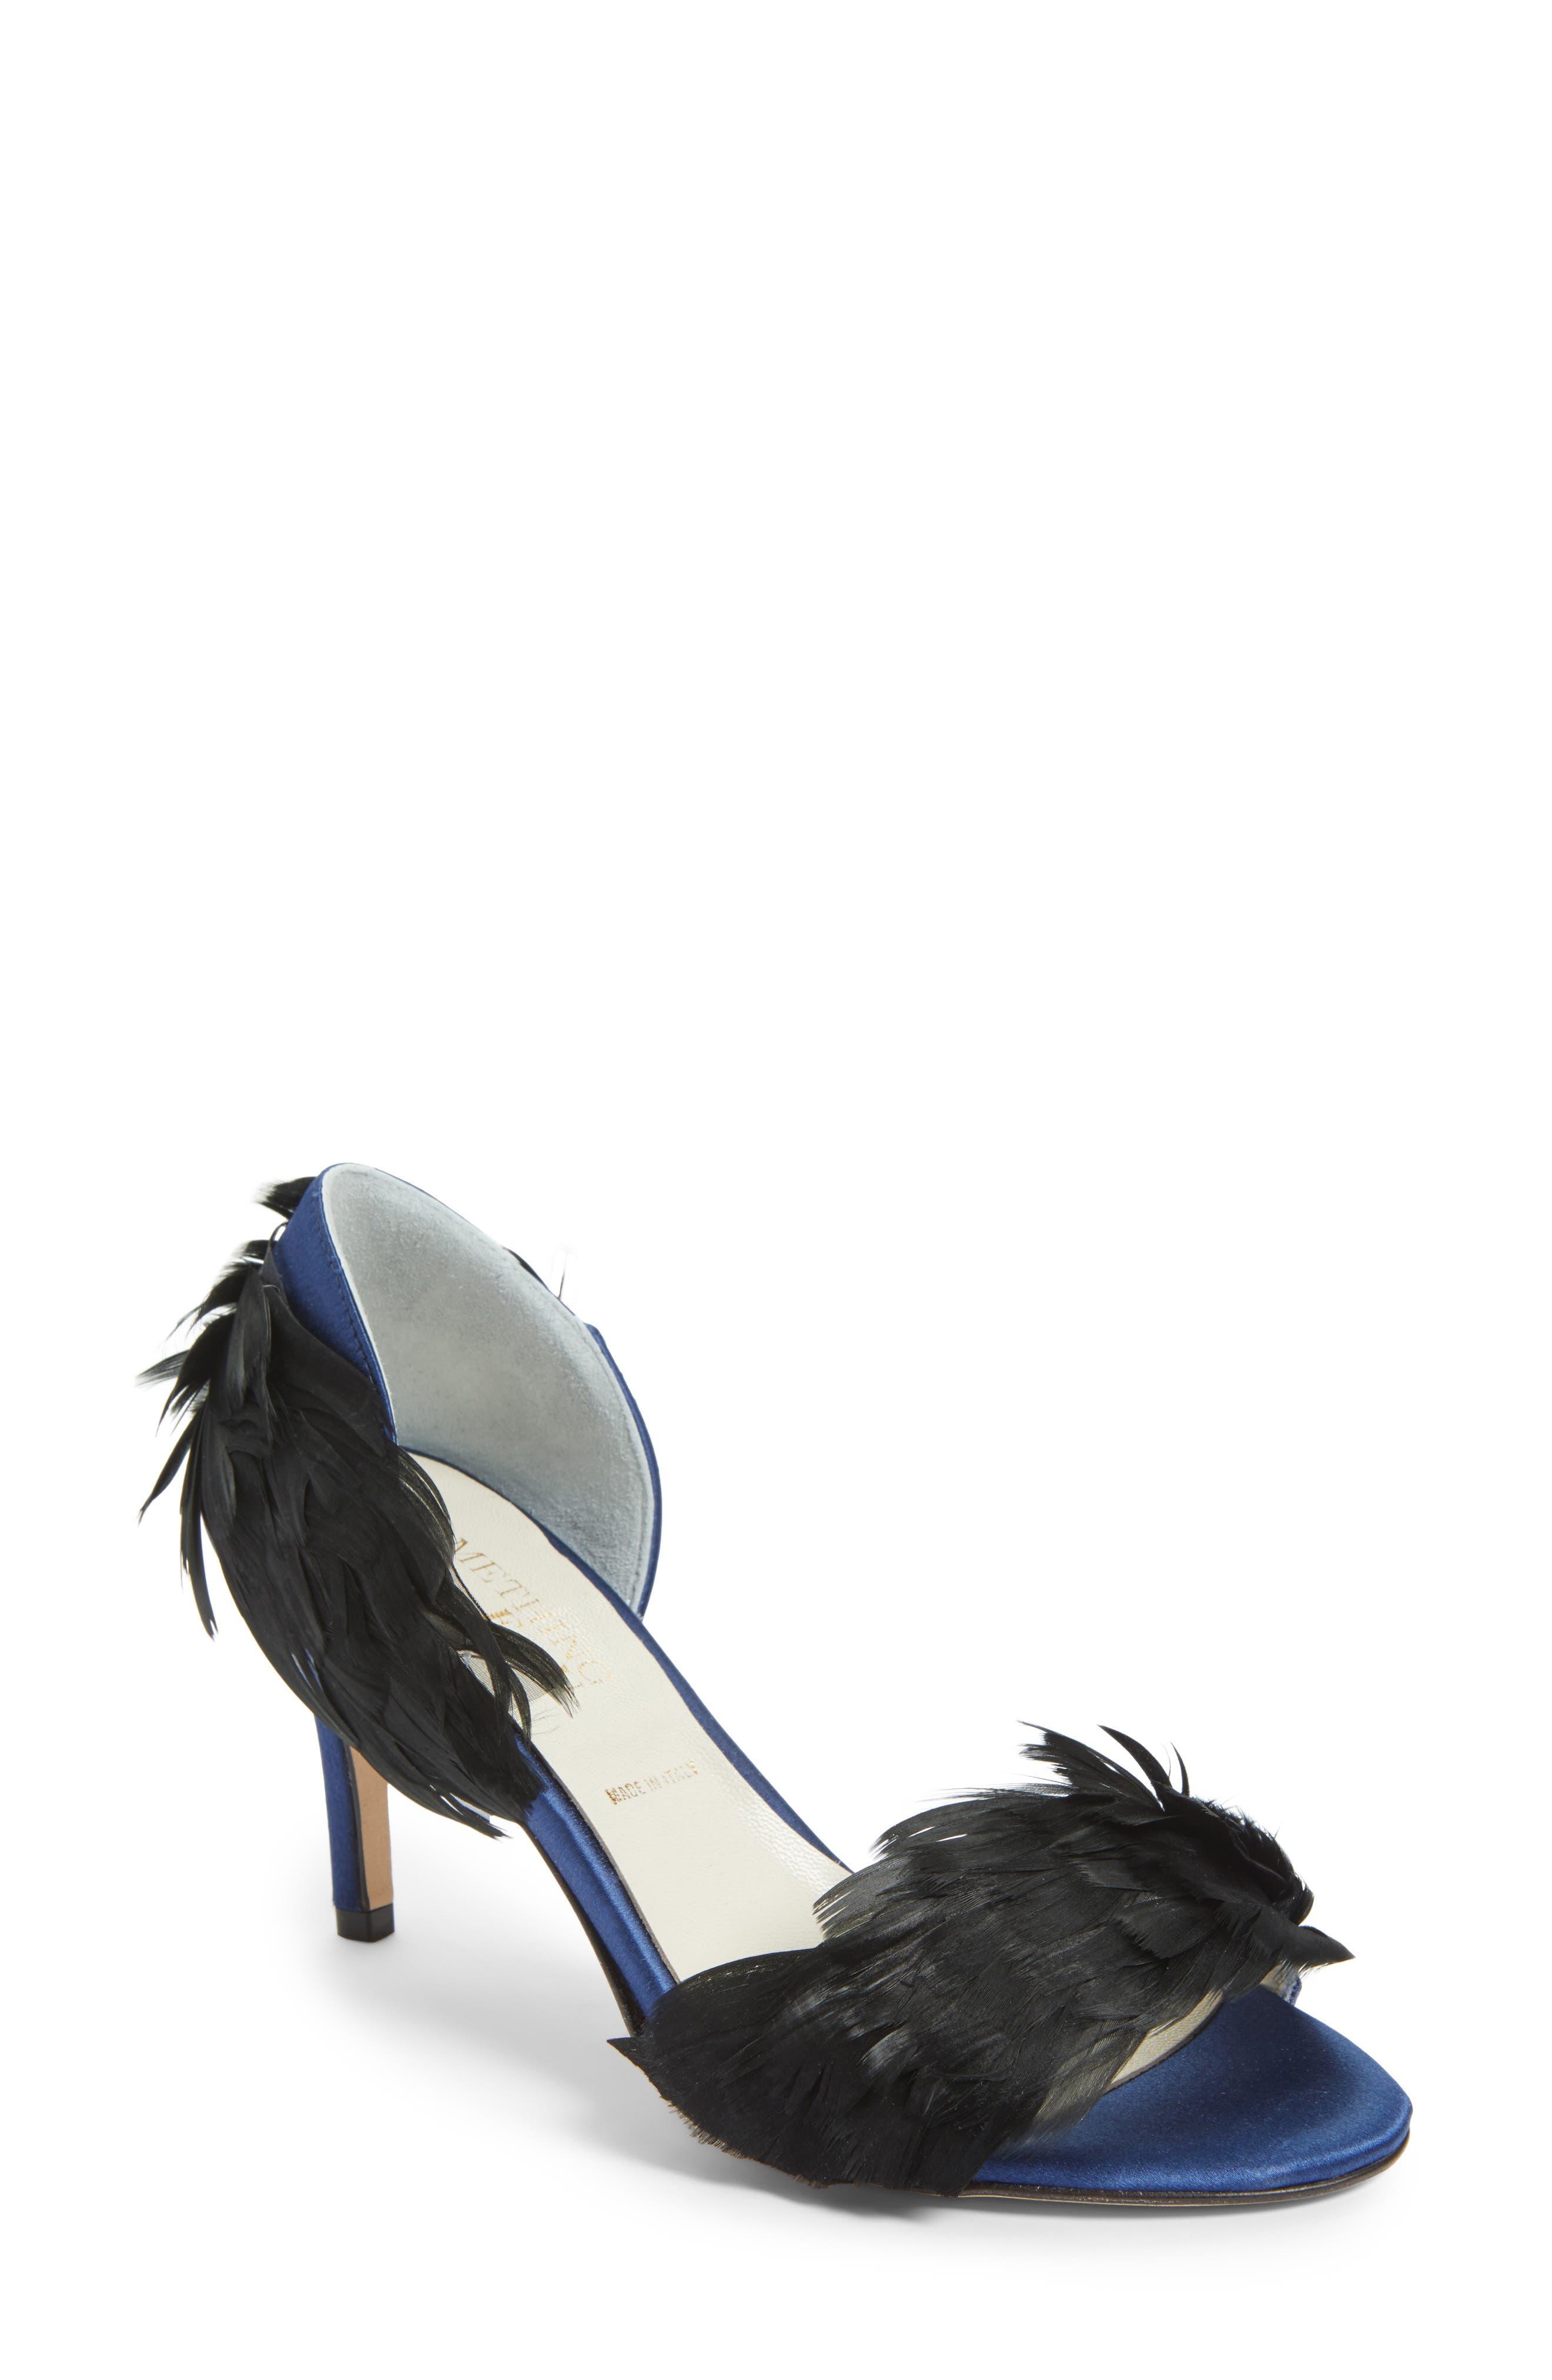 Alternate Image 1 Selected - Something Bleu Gigi d'Orsay Sandal (Women)